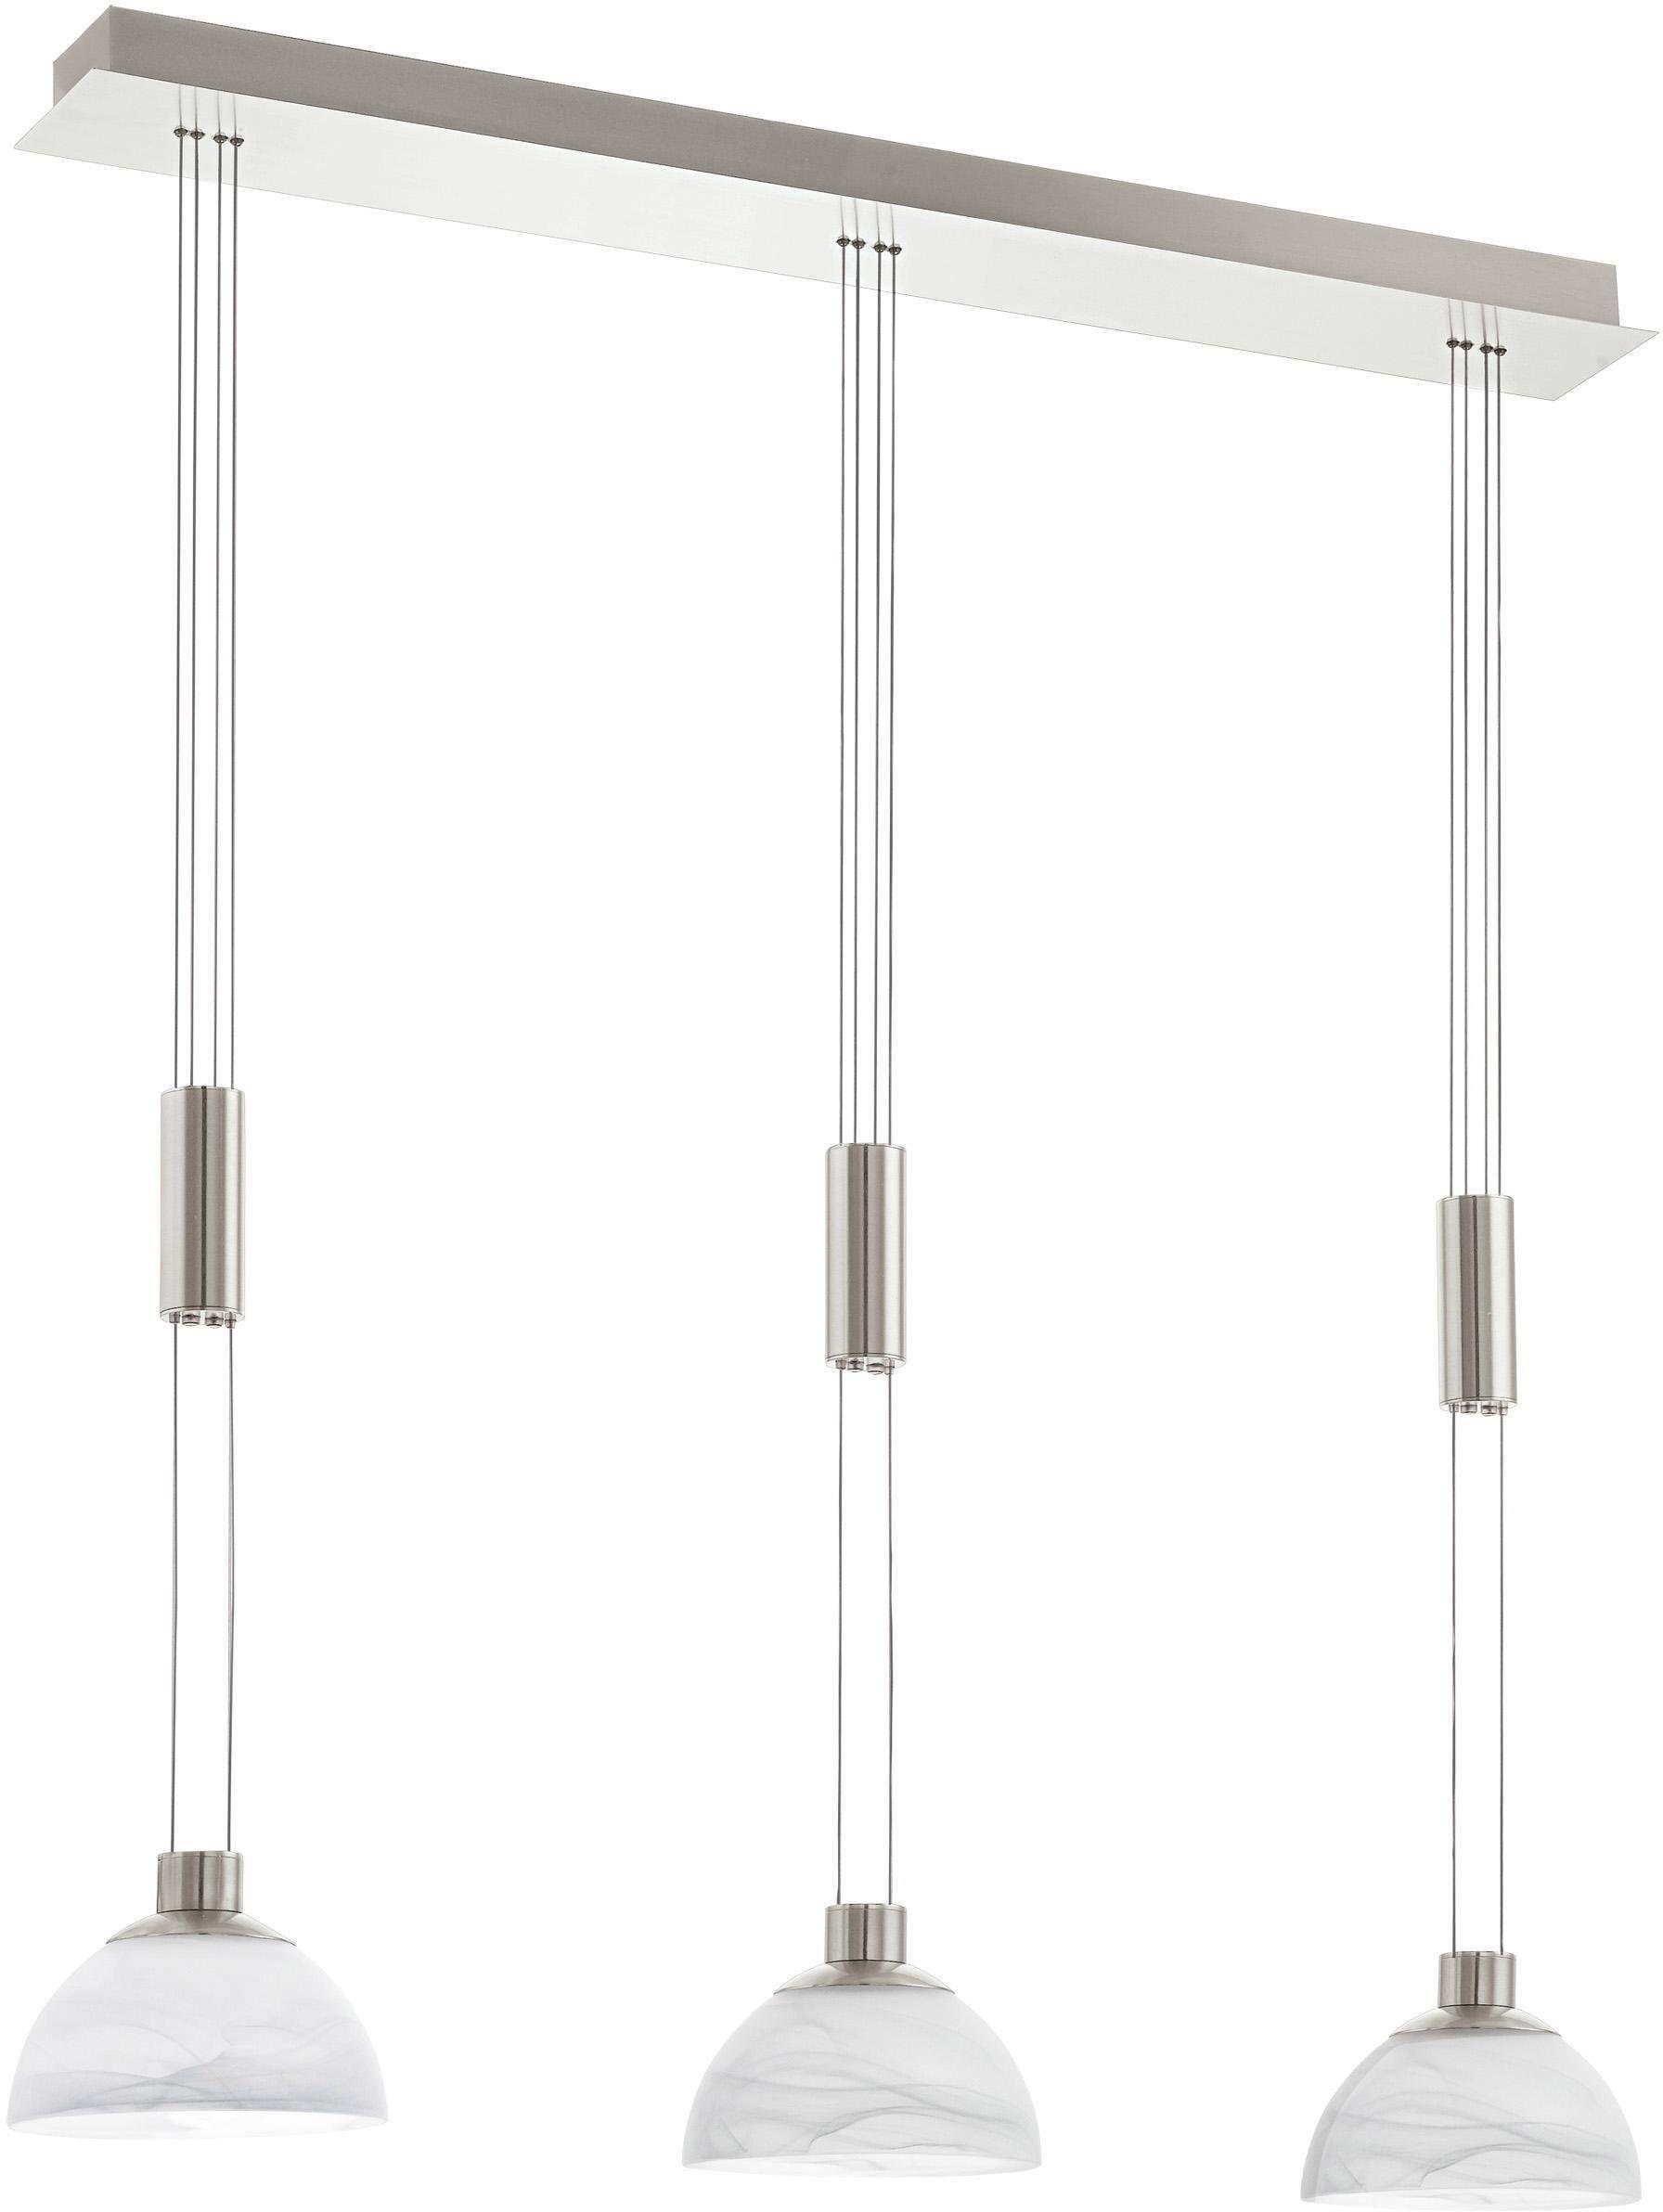 EGLO Pendelleuchte MONTEFIO, LED-Board, Warmweiß, Hängeleuchte, LED tauschbar, höhenverstellbar